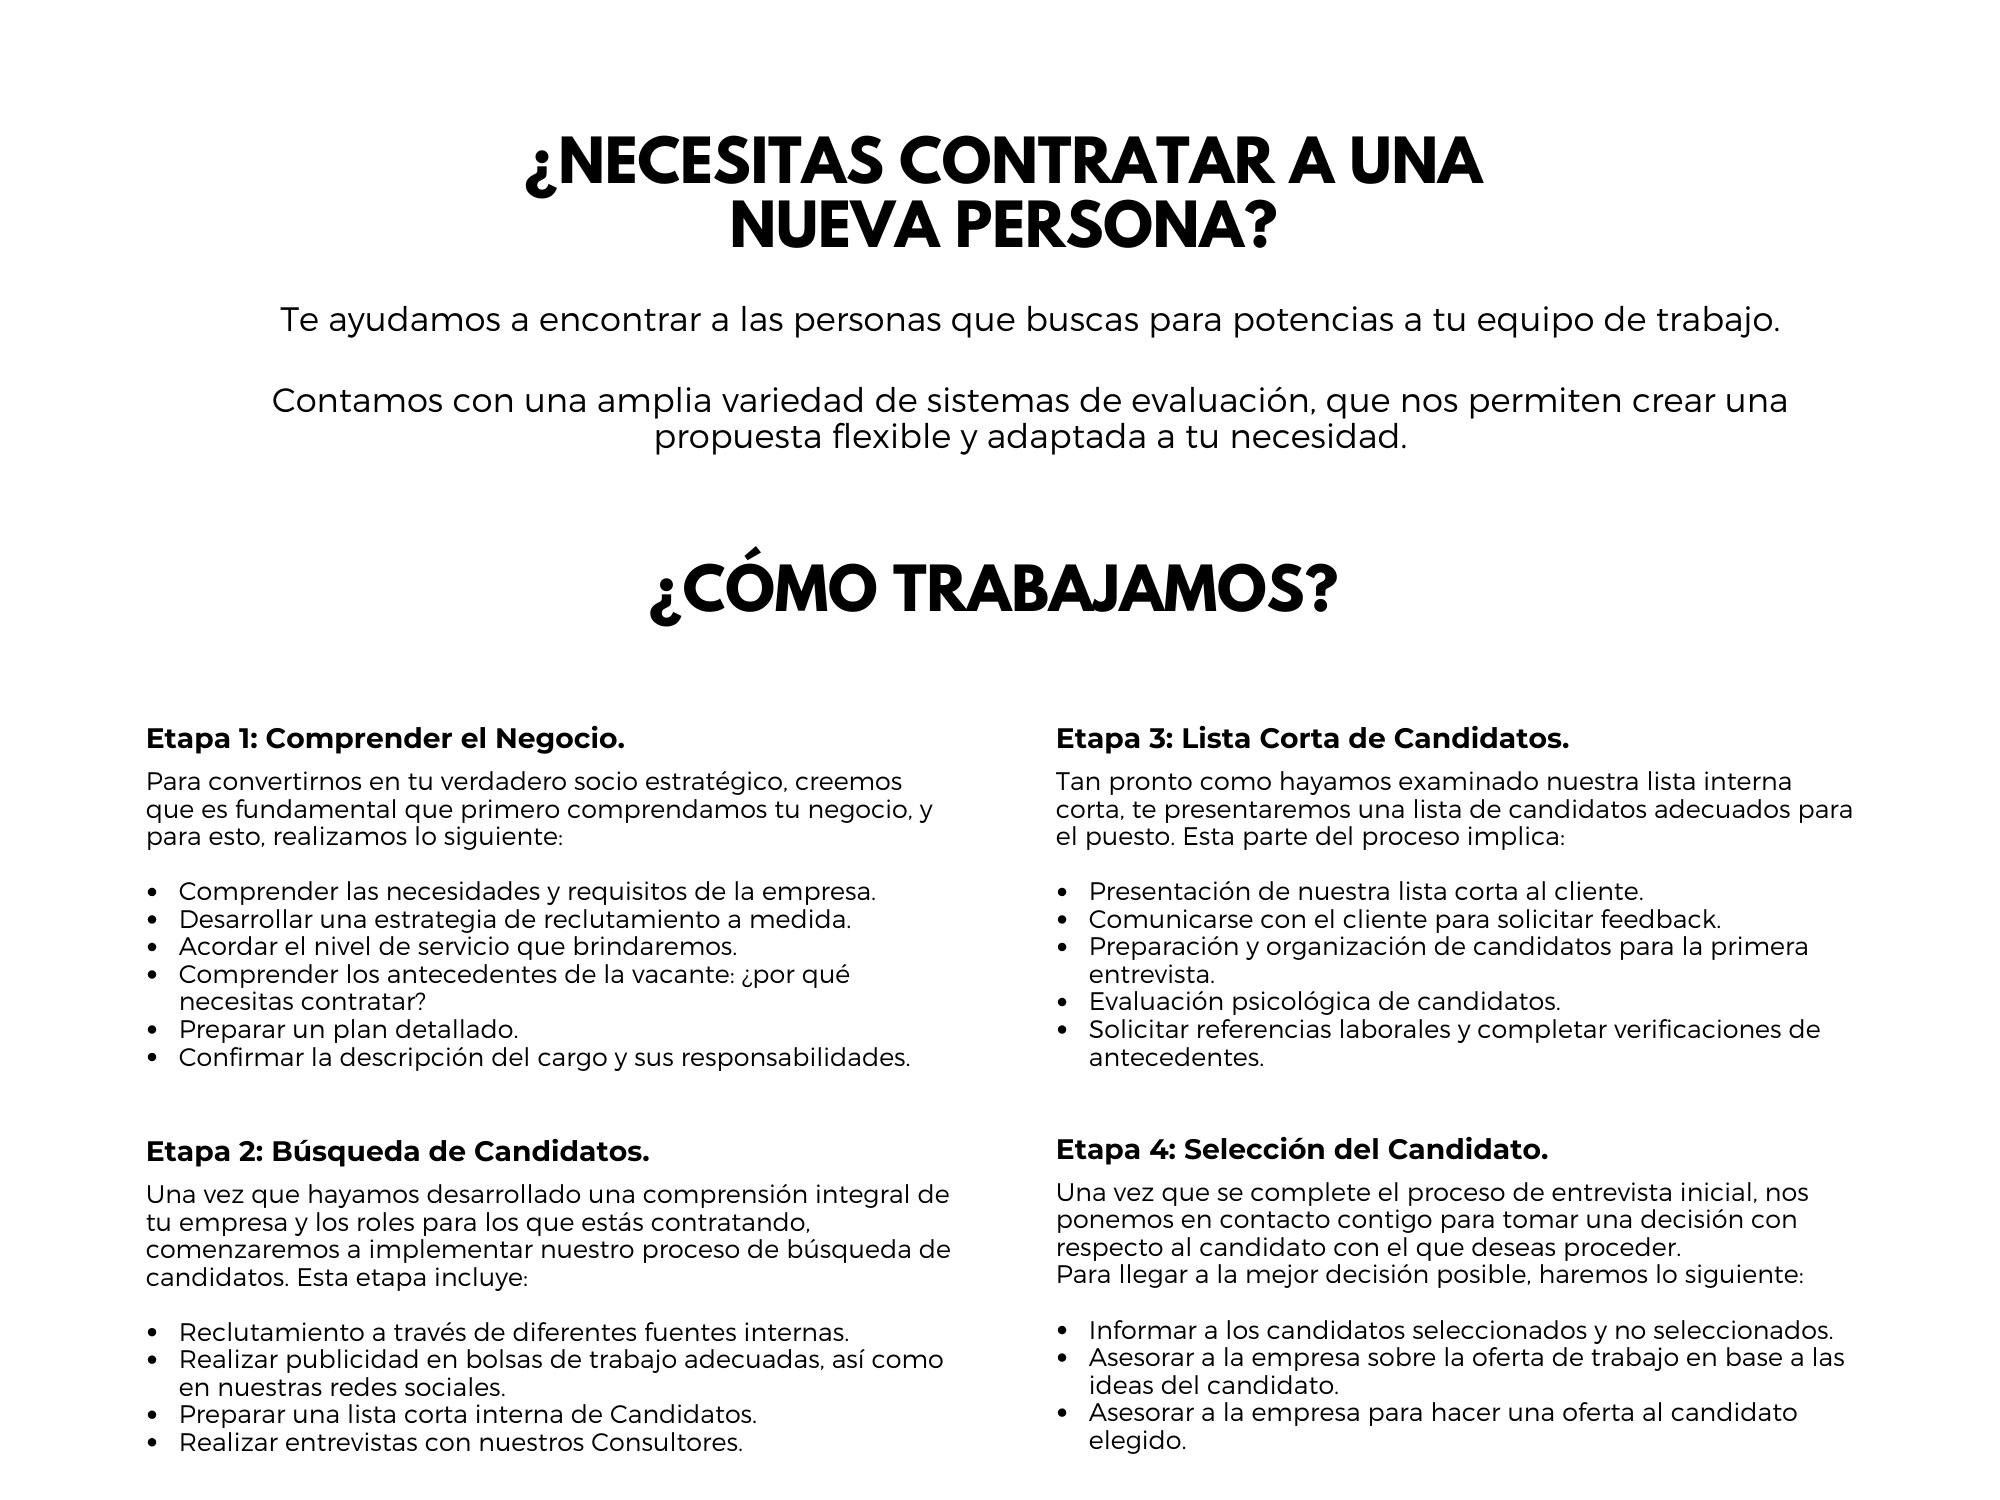 ¿Necesitas Contratar a una Nueva Persona?